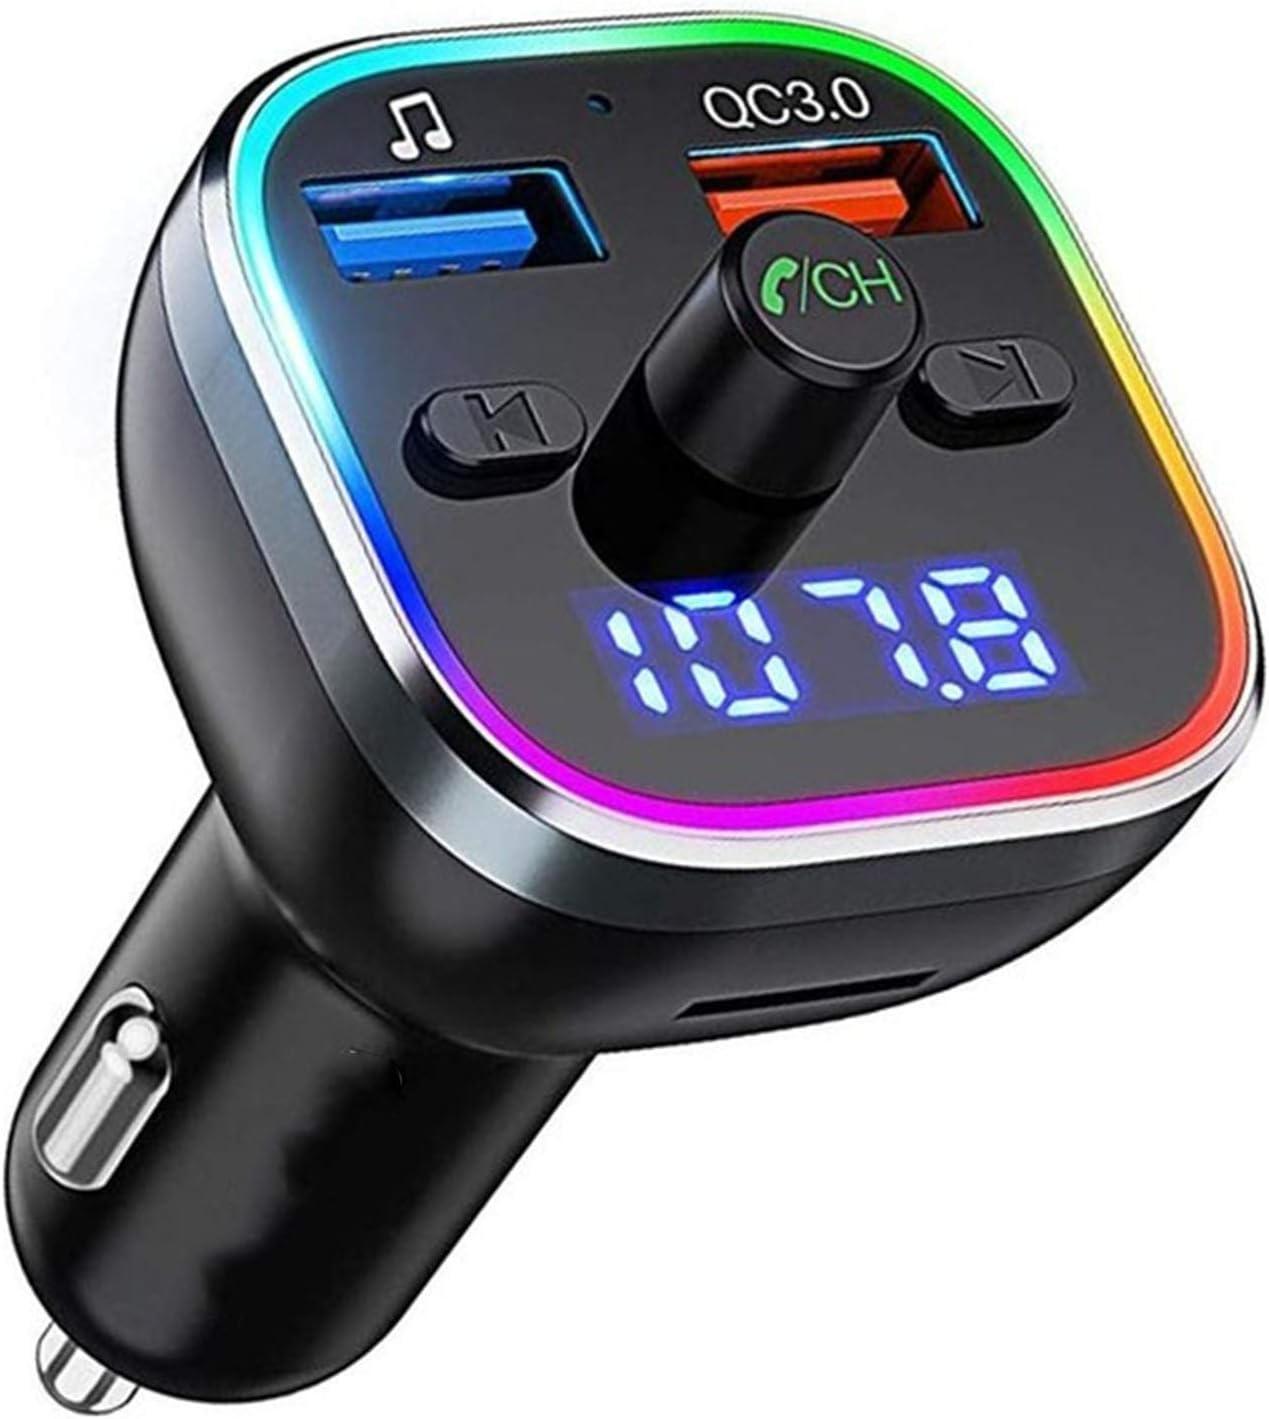 Bluetooth 5.0 FM Transmisor Del Coche, Adaptador De Radio, Carro De Carga Rápida, Efecto De Sonido De Alta Fidelidad, 6 Luces De Color RGB, Función De Llamada Con Manos Libres